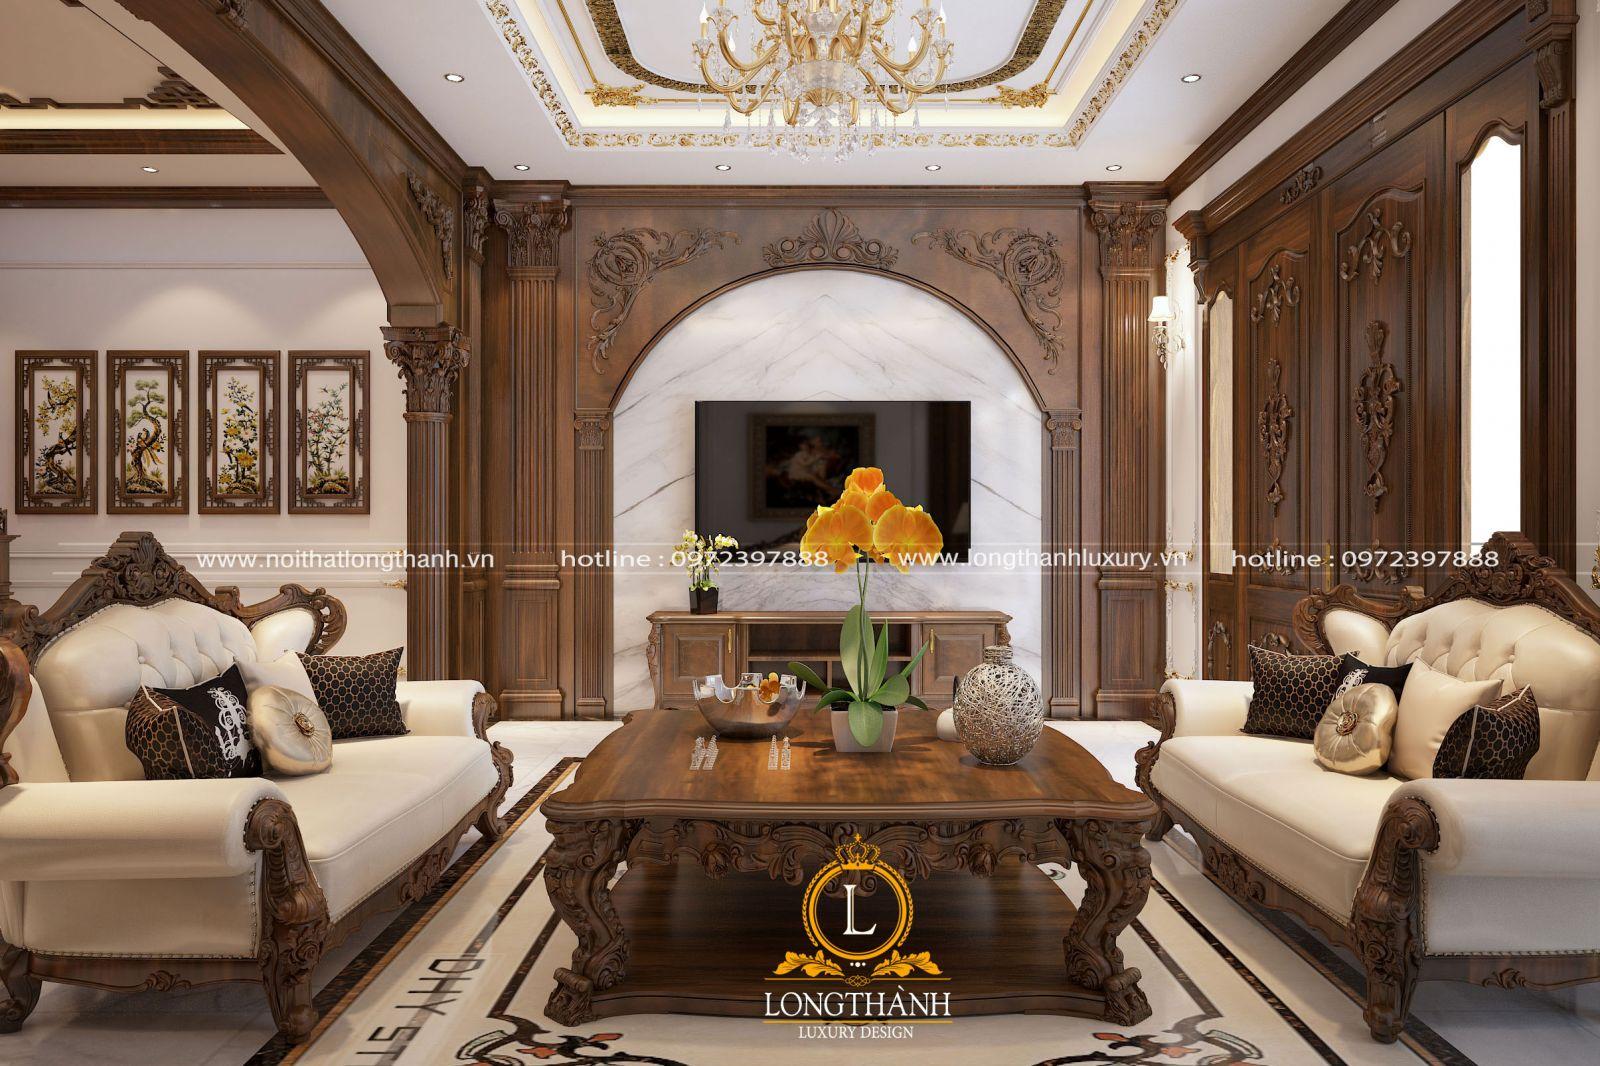 Nội thất phòng khách với dấu ấn tân cổ điển thiết kế tinh tế phù hợp cùng không gian